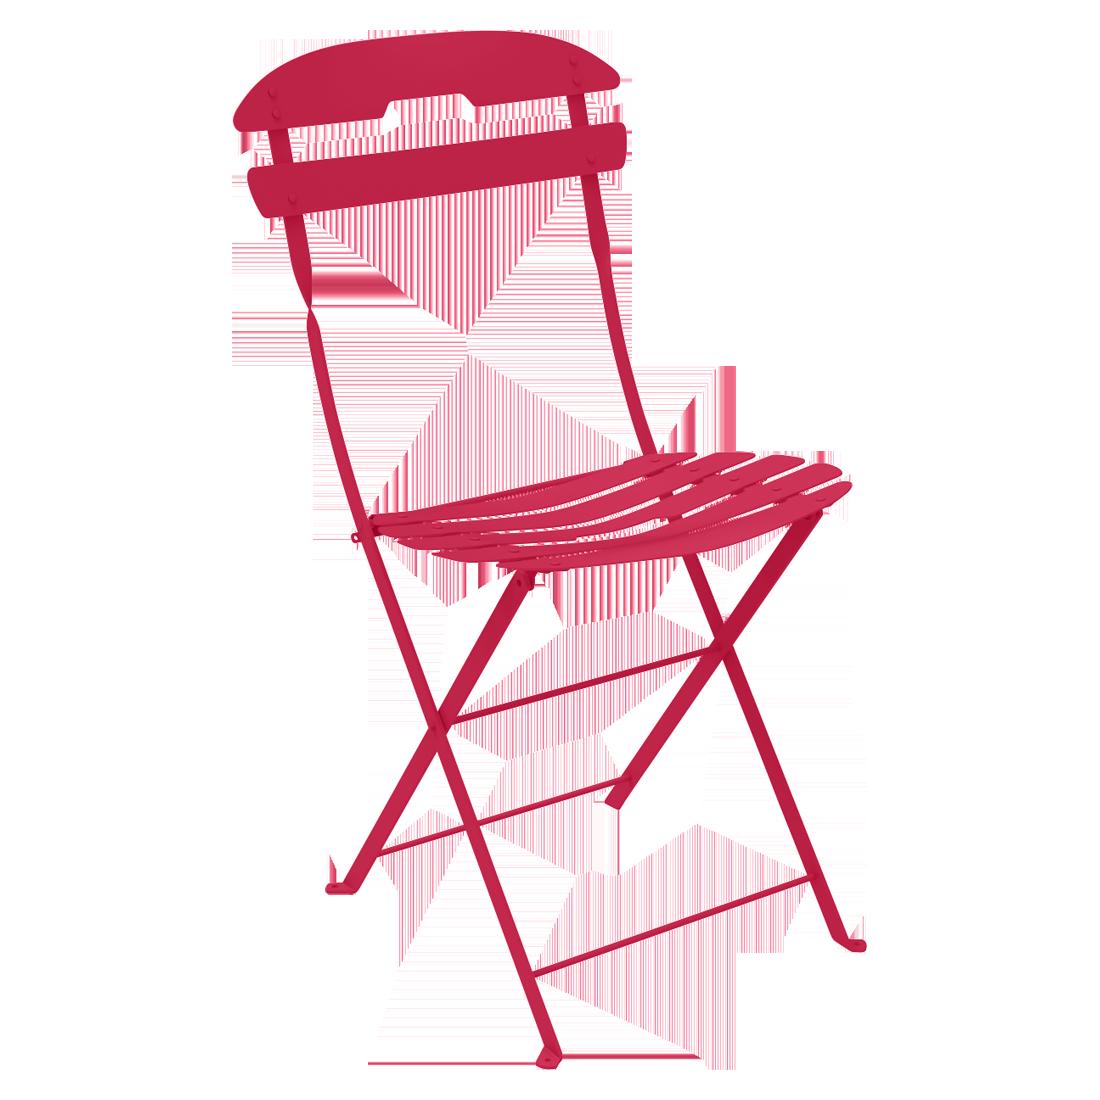 chaise pliante metal, chaise metal, chaise fermob, chaise pliante, chaise rose